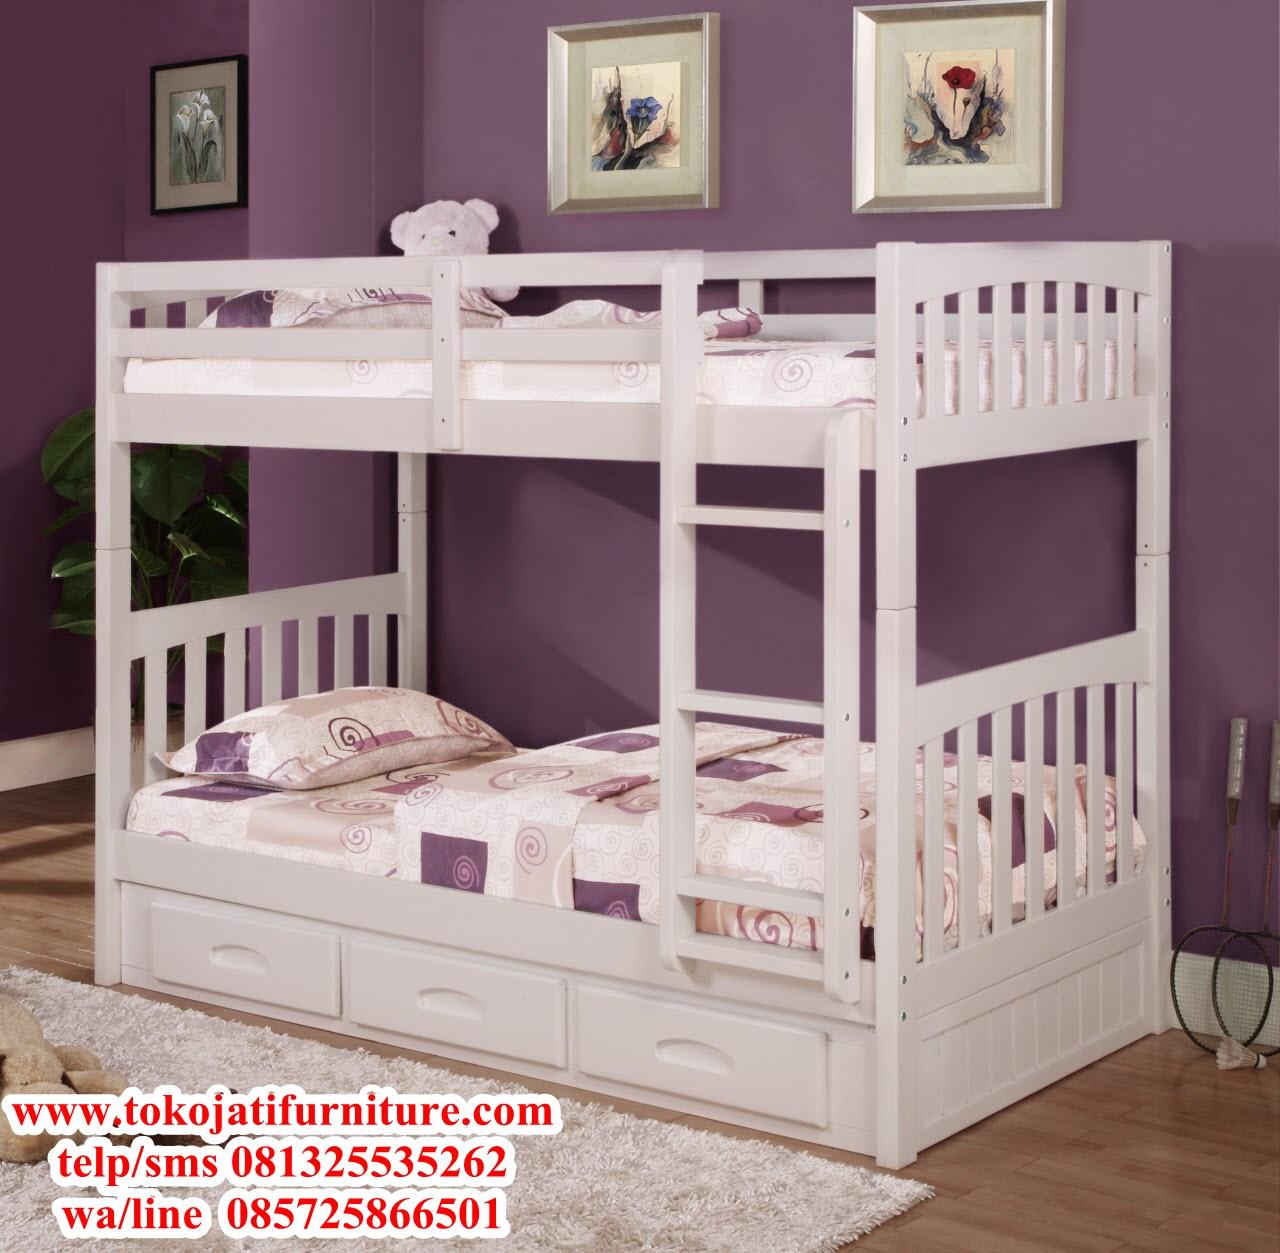 ranjang-tidur-tingkat-anak-duco-putih ranjang tidur tingkat anak duco putih